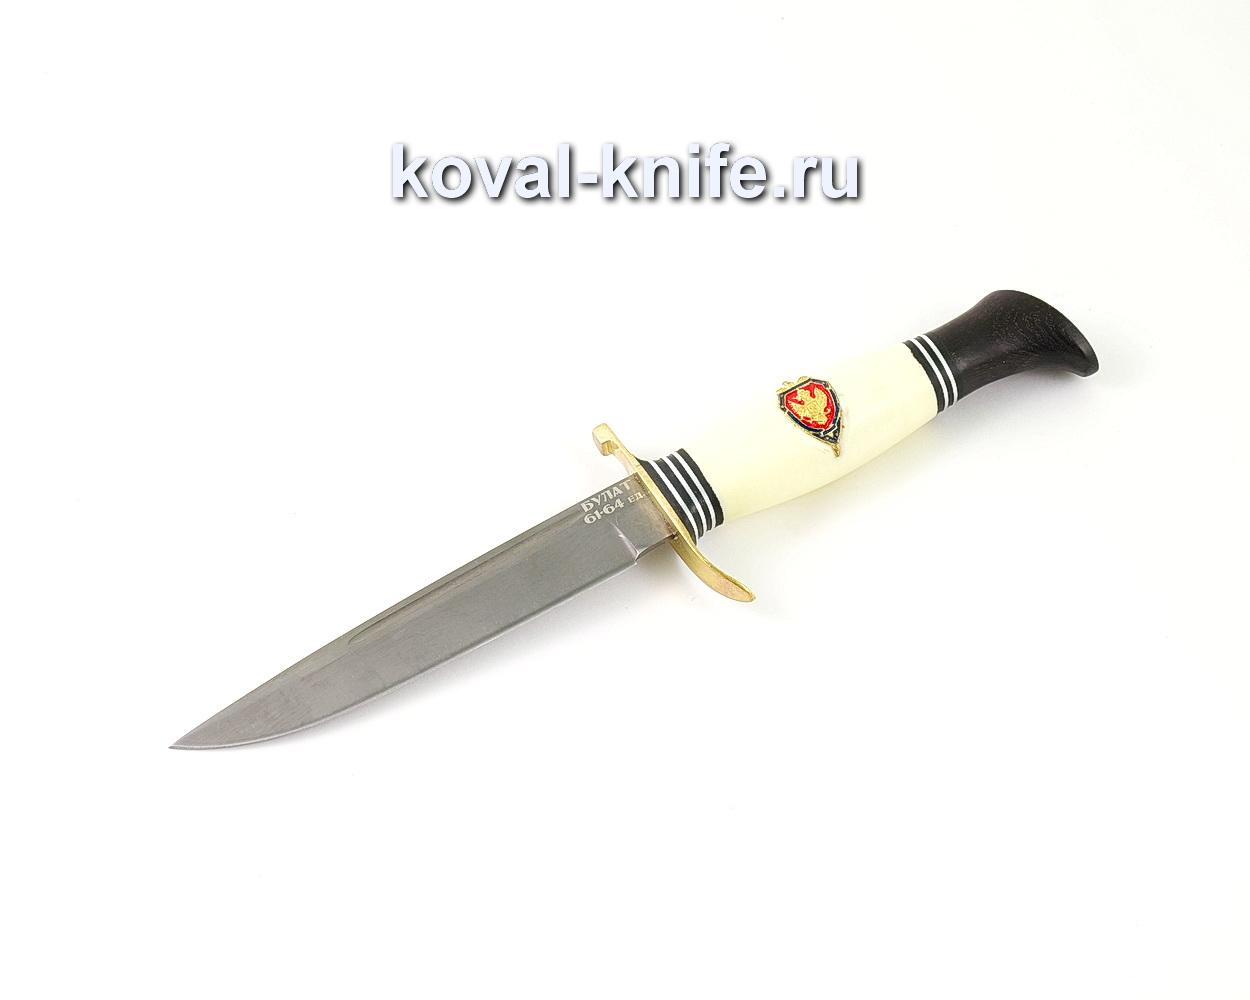 Нож из булатной стали Финка НКВД со знаком ФСБ (Легированный булат, рукоять пластик, граб, латунь) A472